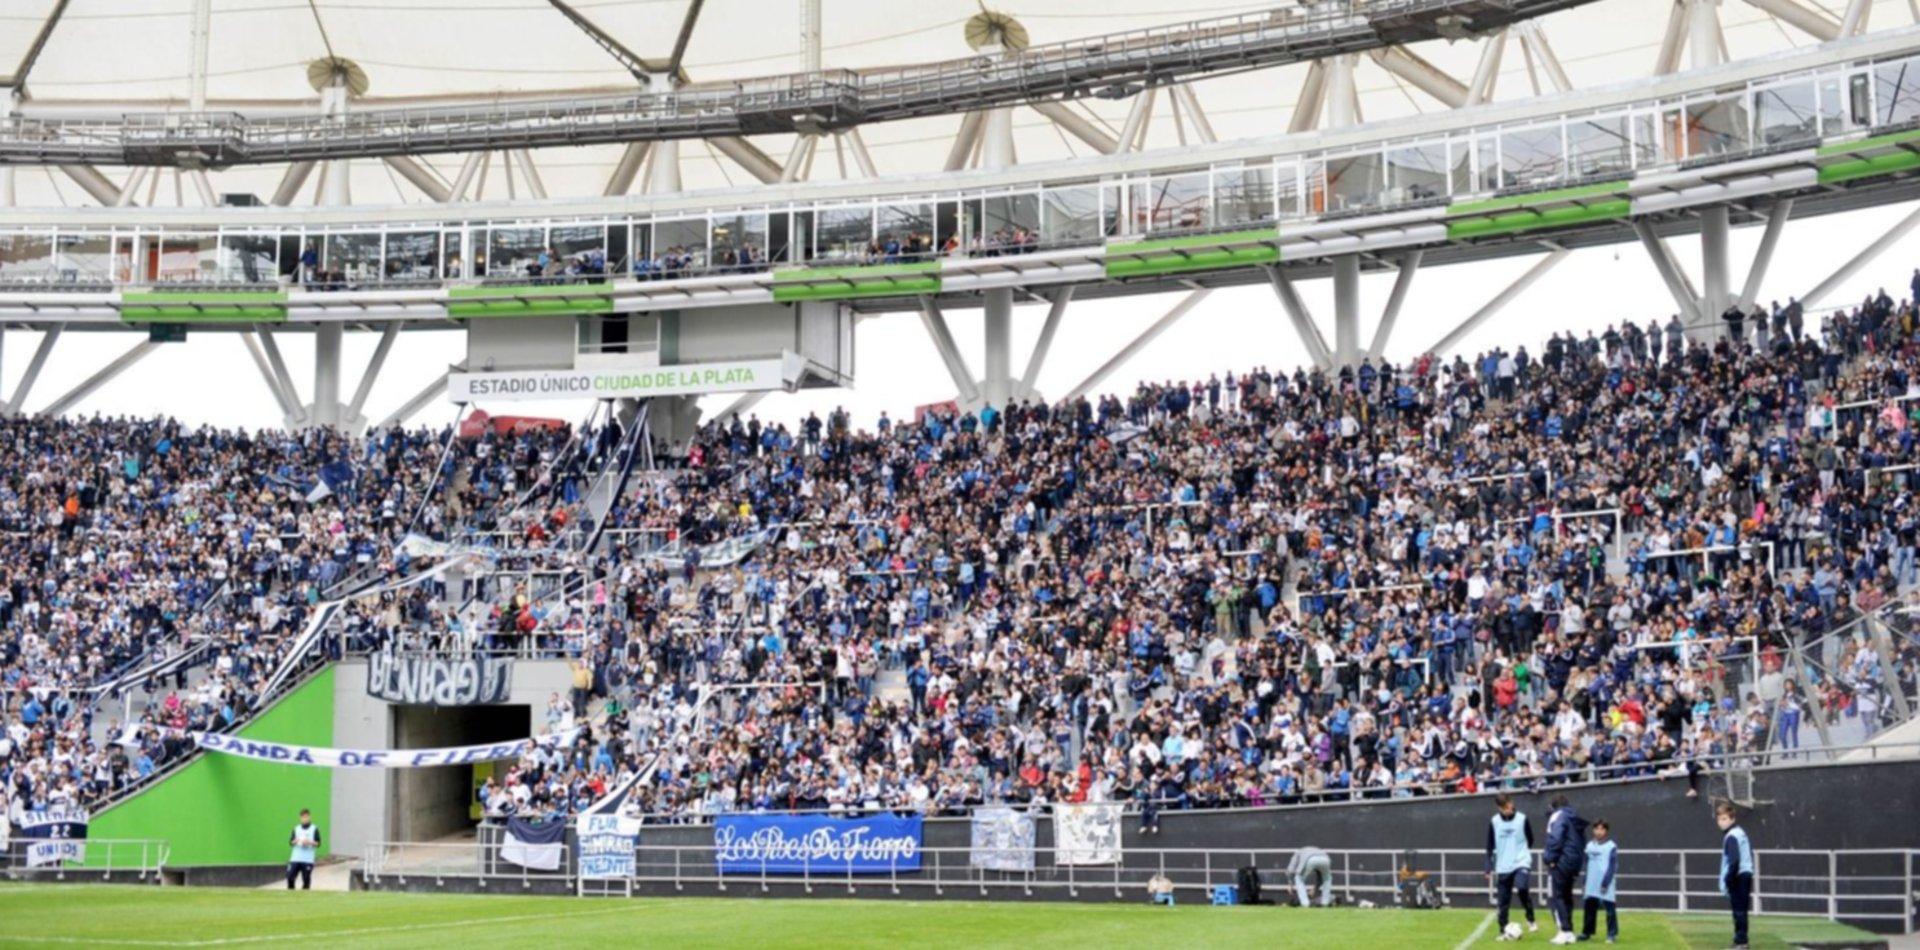 El Lobo podría hacer de local en el Estadio Único